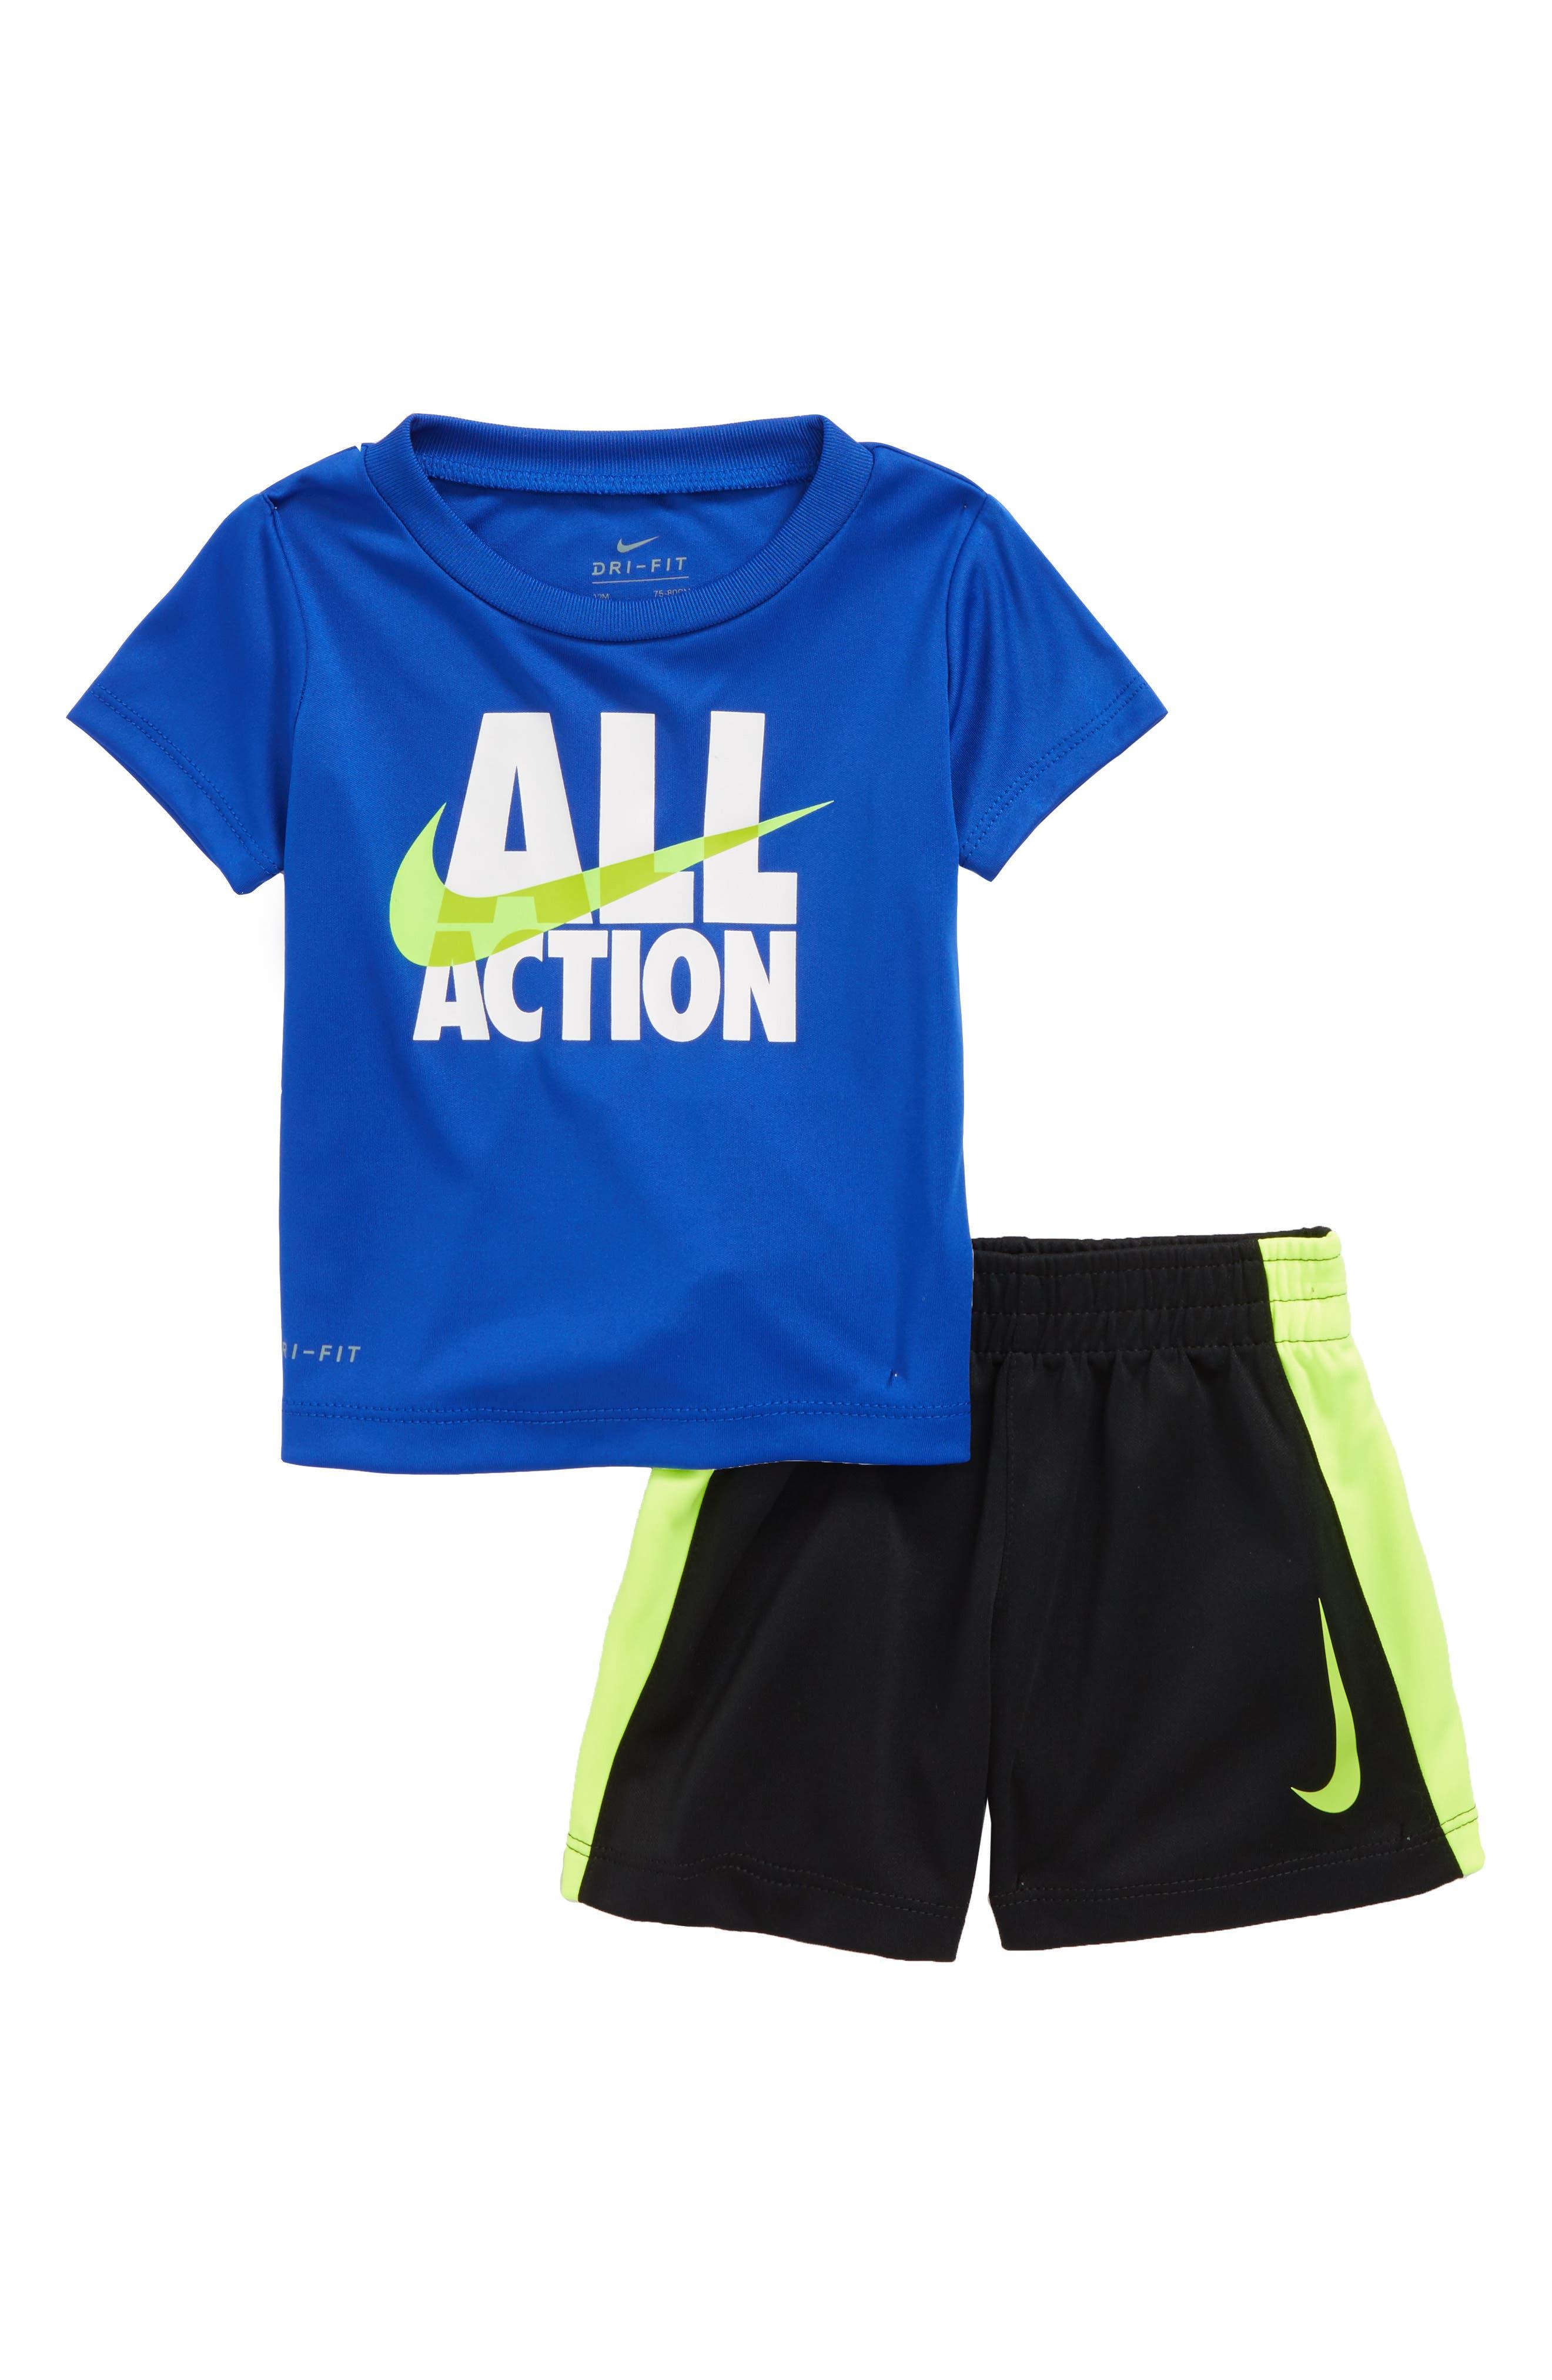 All Action Dry T-Shirt & Shorts Set,                             Main thumbnail 1, color,                             434